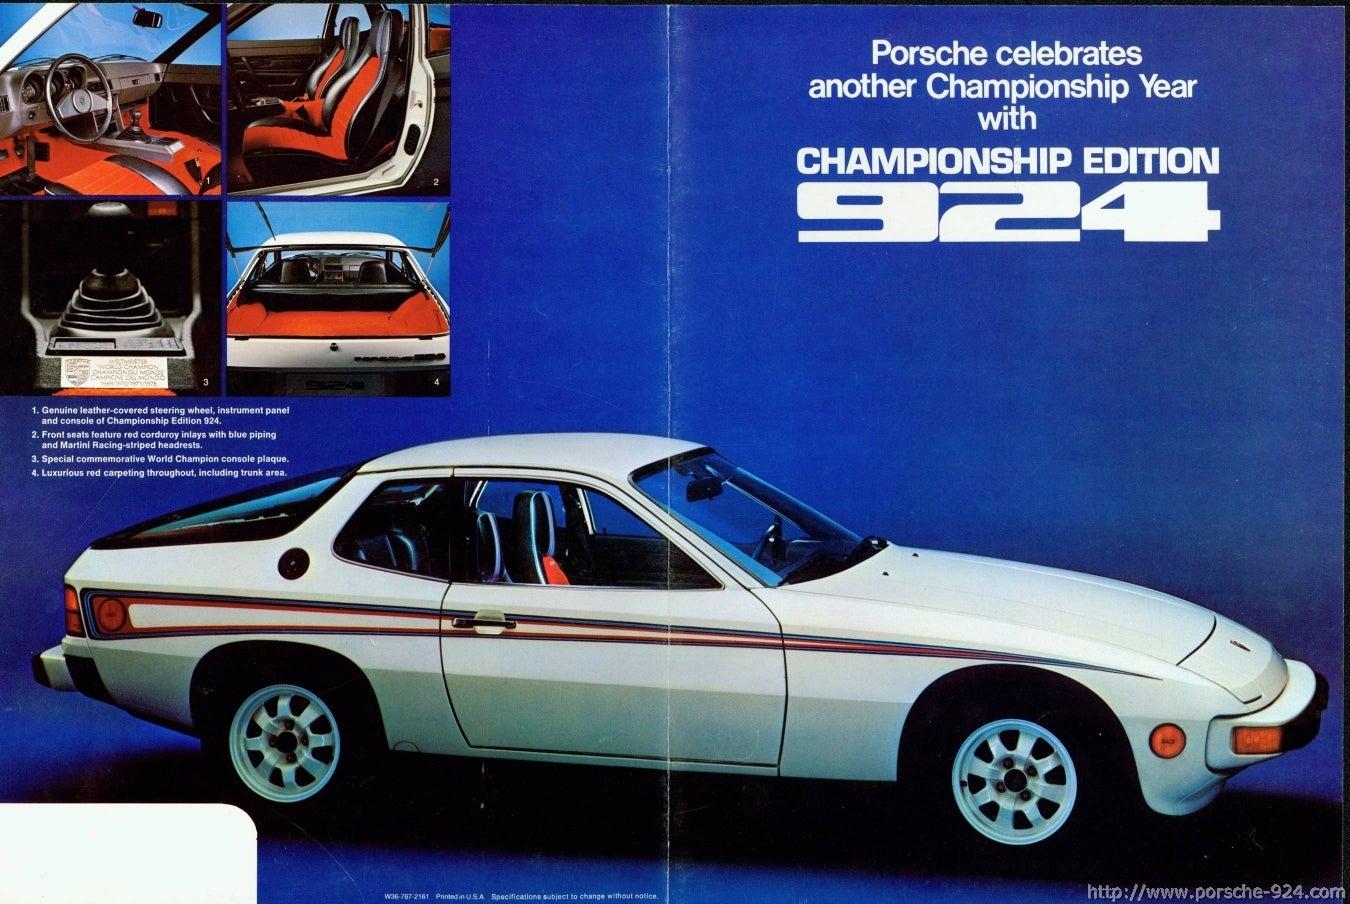 1977 Porsche 924 Martini Edition, $1200 in CT  $2018 Classifieds forum  